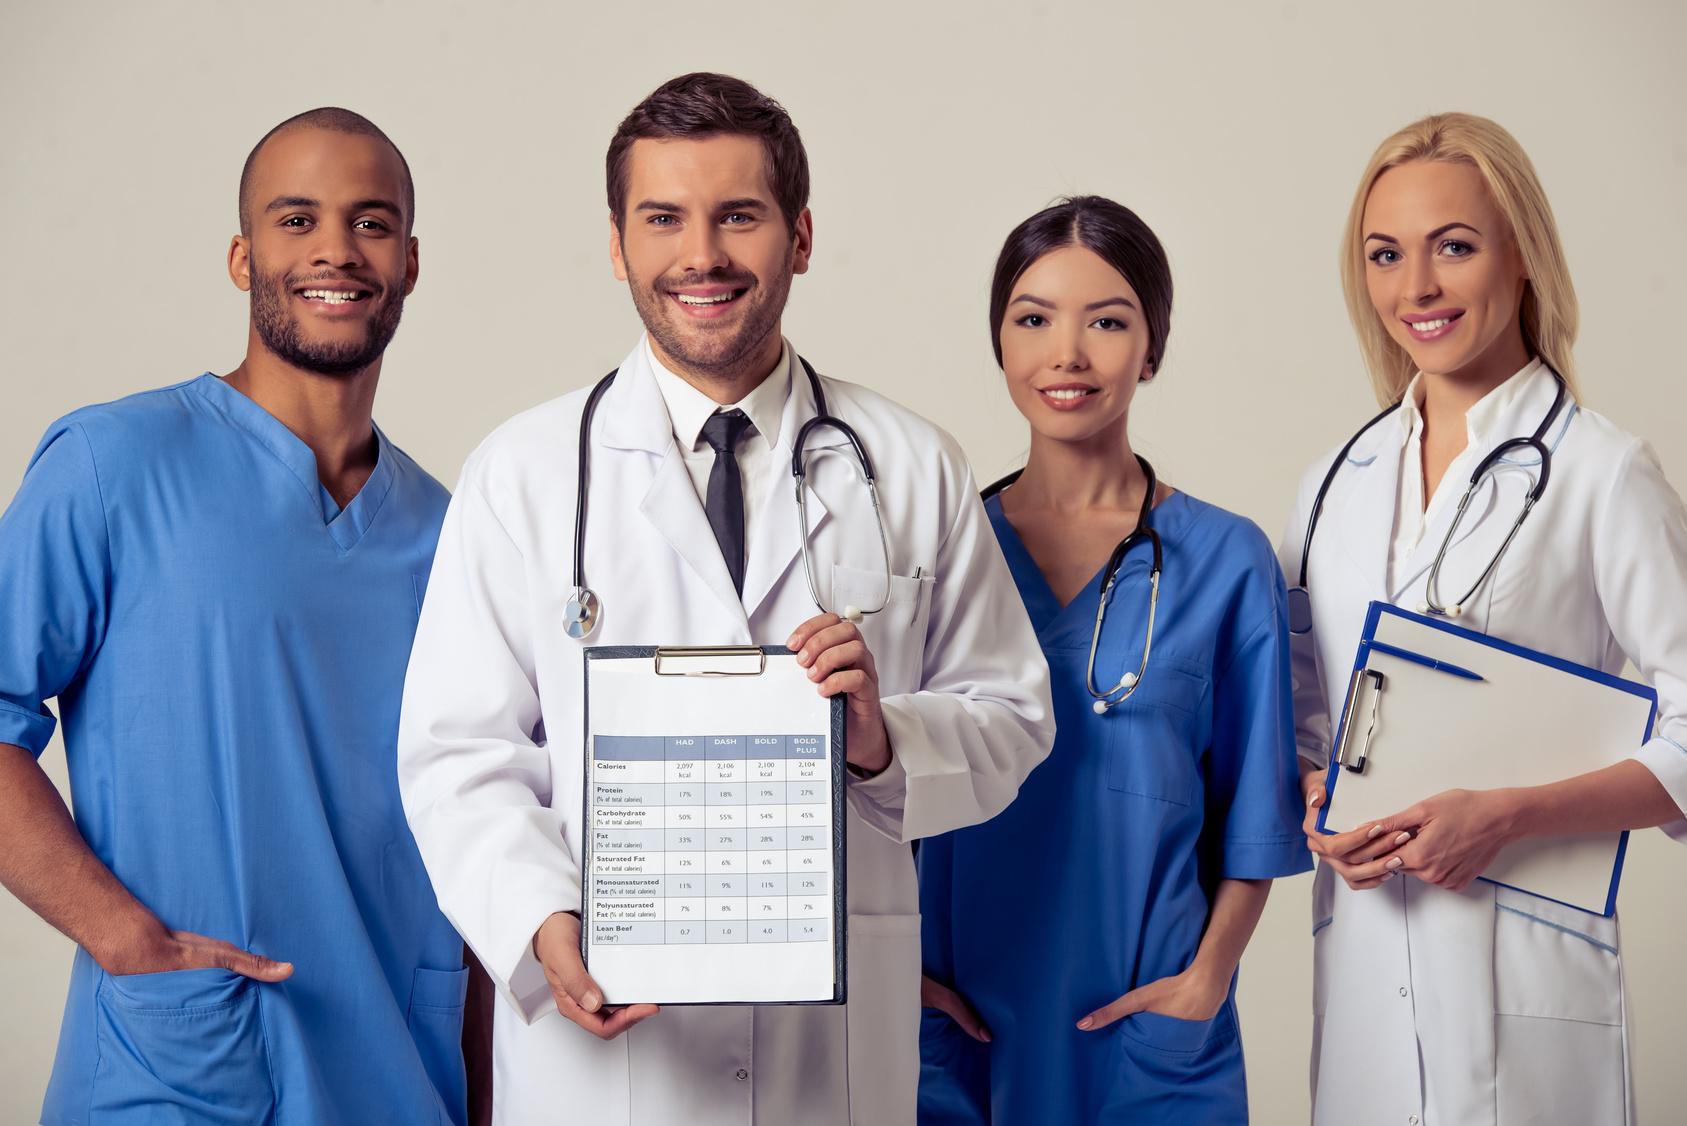 ビッグデータで最適な医師とマッチング!米国MD Insider